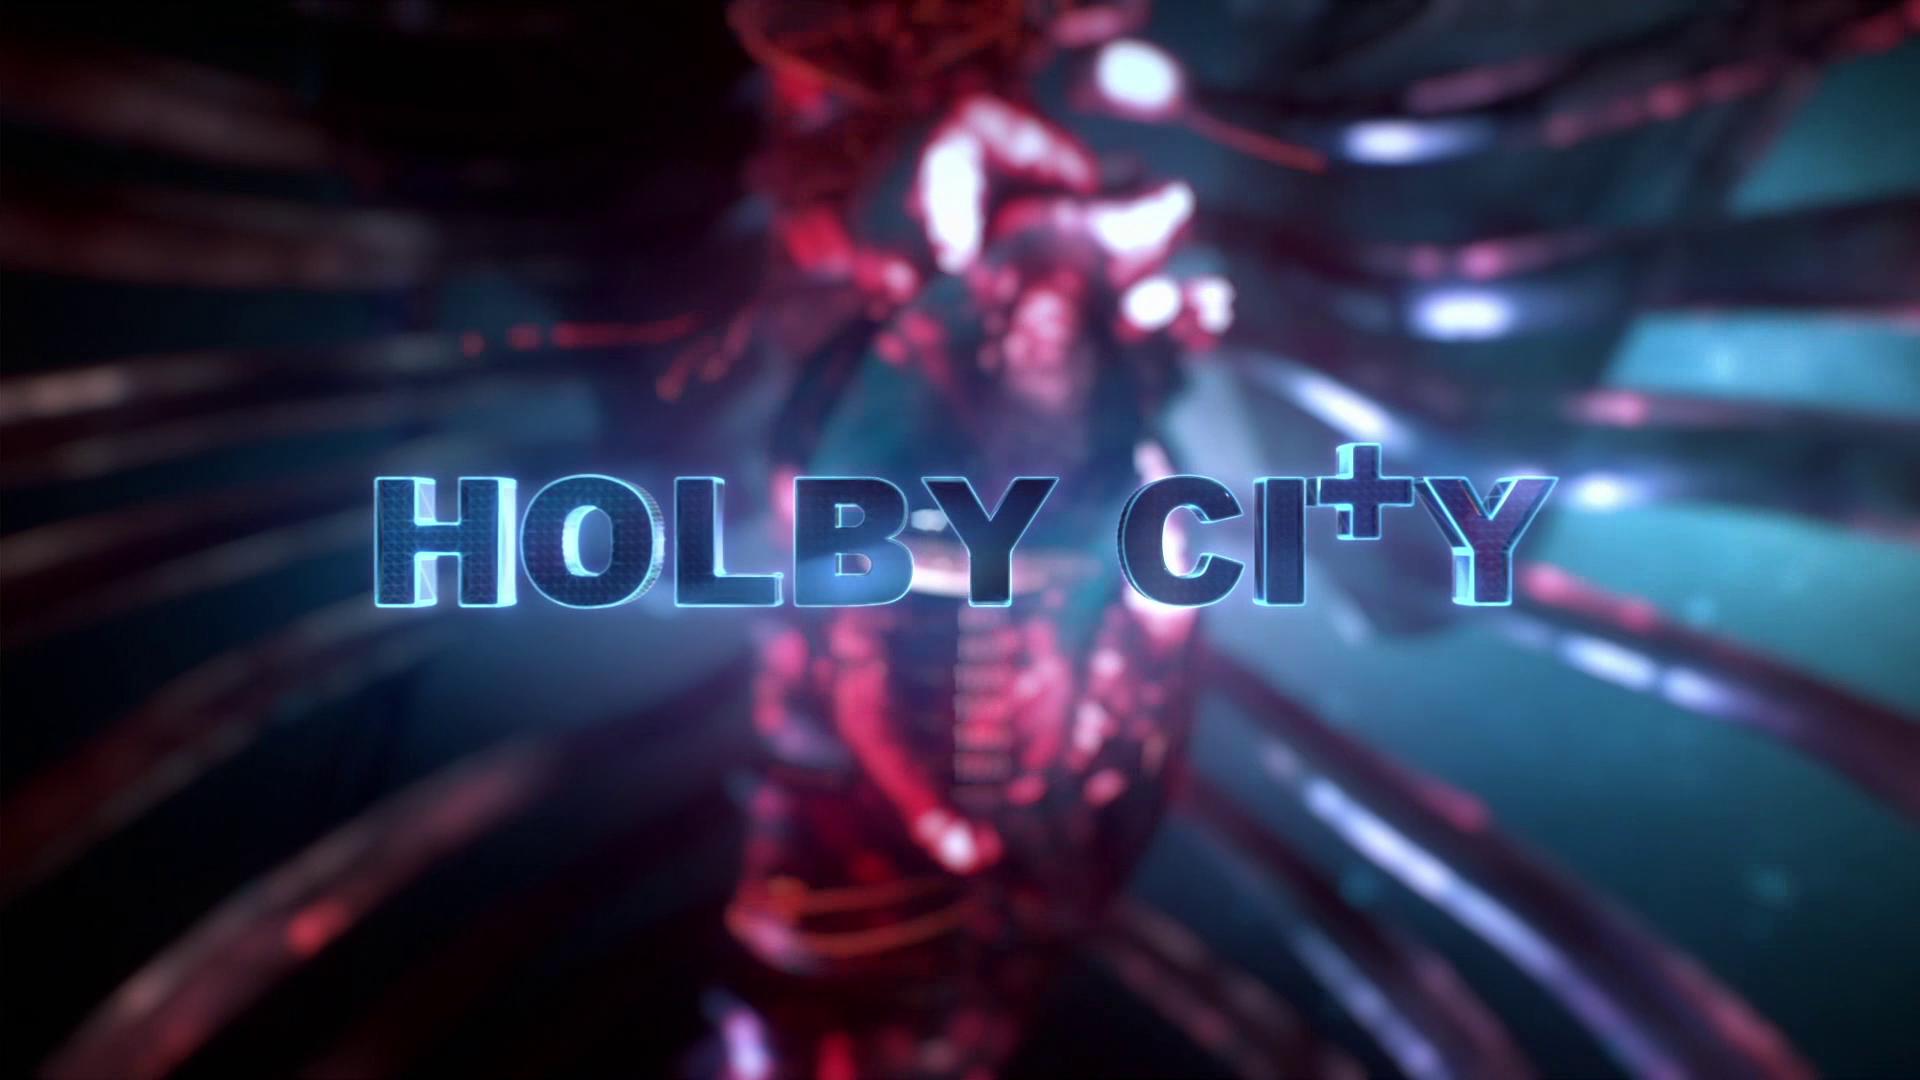 HolbyCitySeries18TitleCard